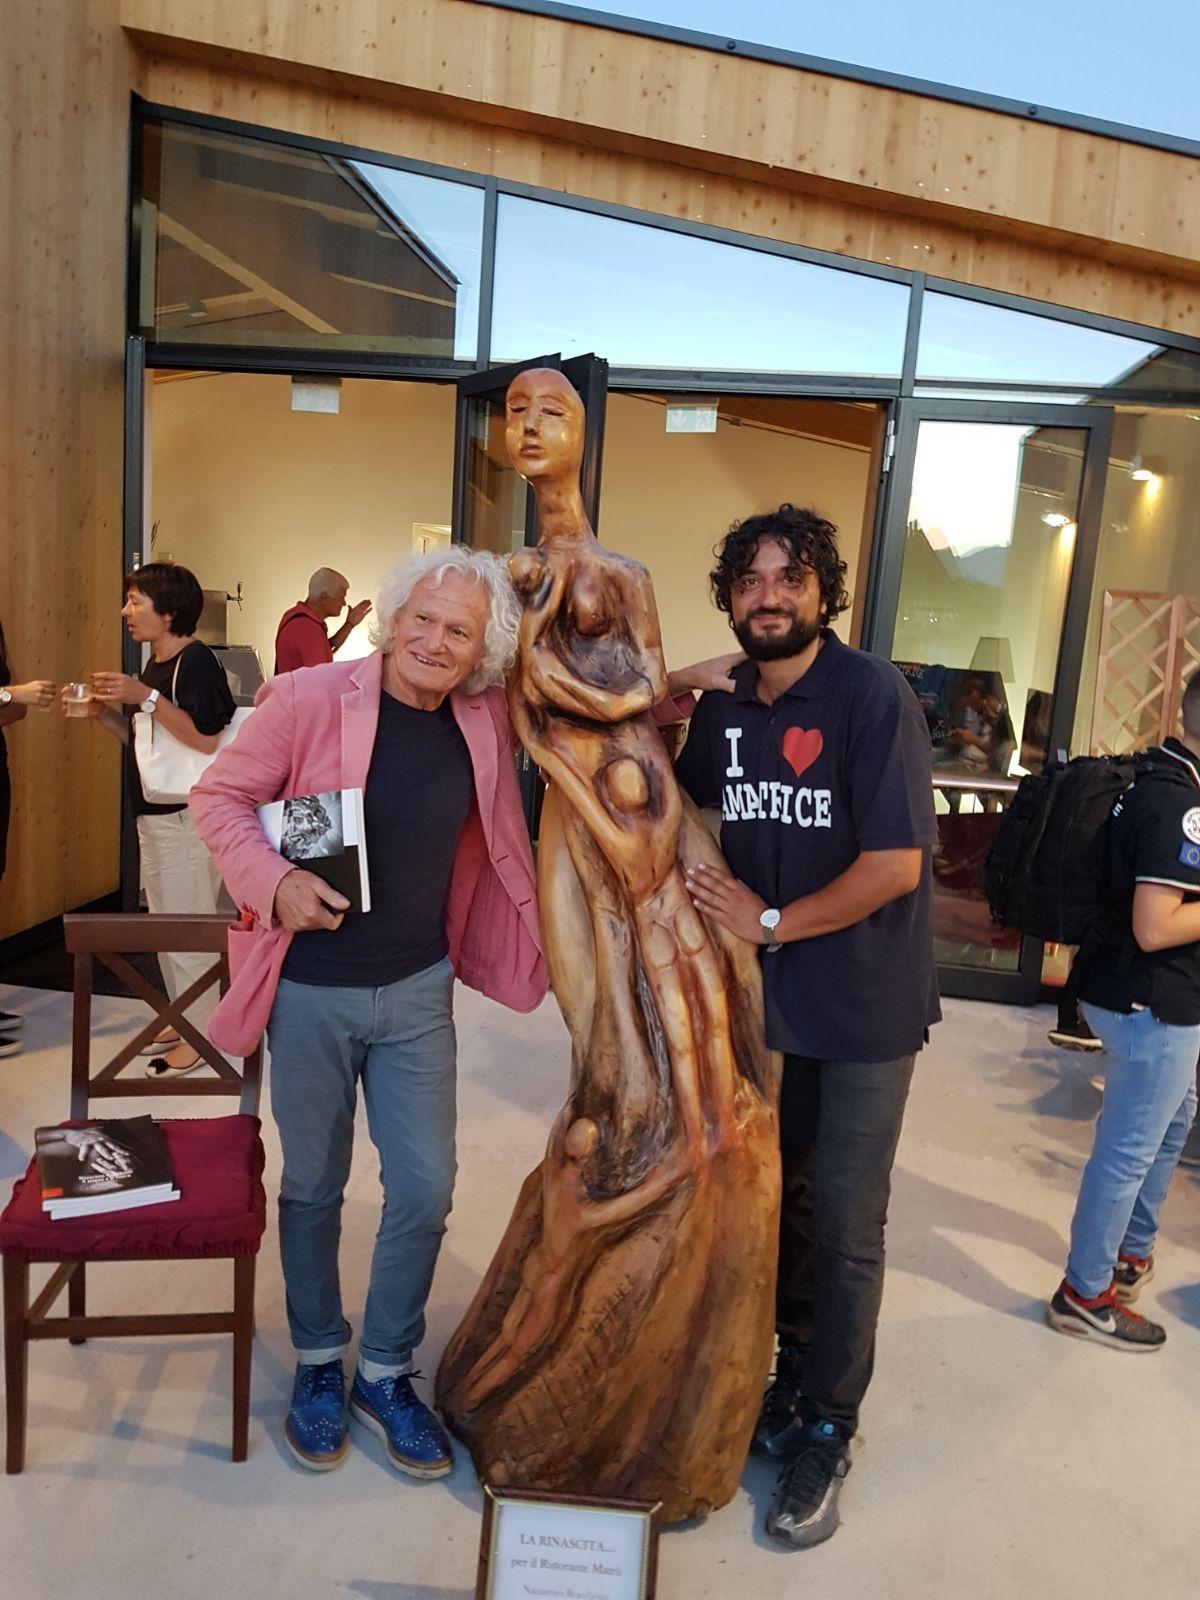 Amatrice, lo chef Bonanni non si arrende:  Con il terremoto ho perso gli affetti, ma riapro il ristorante di famiglia